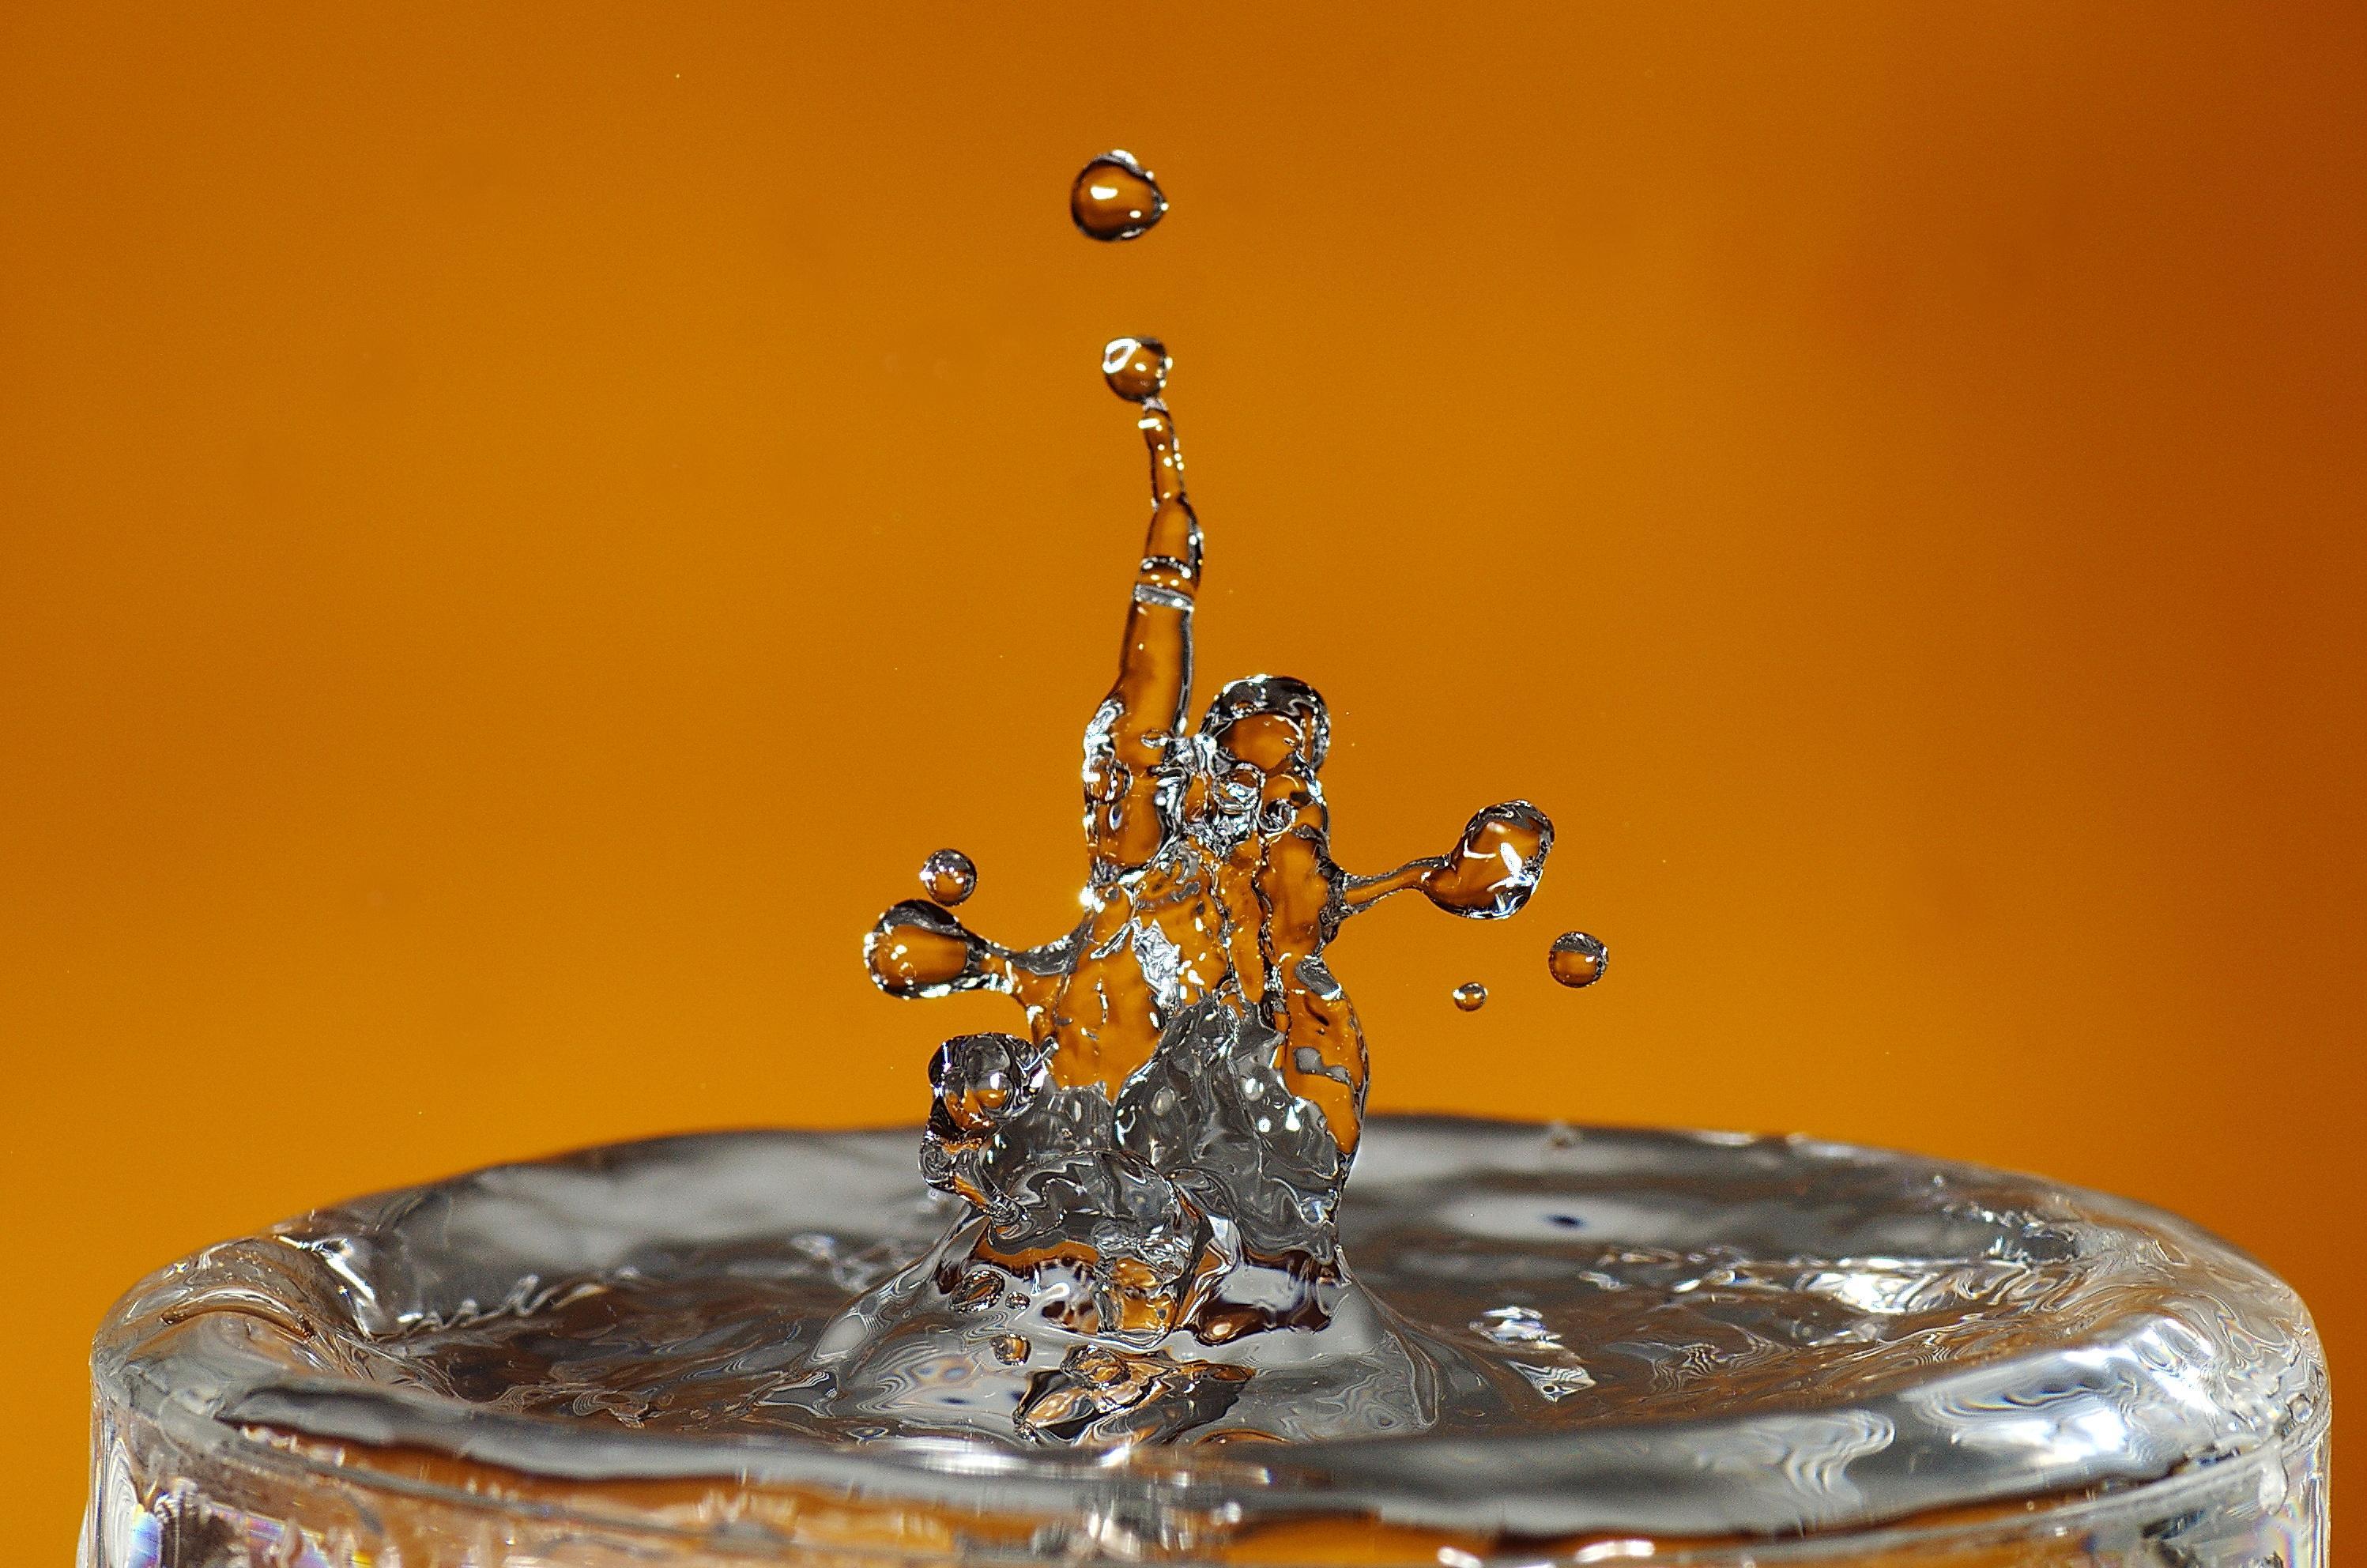 фотография капли воды